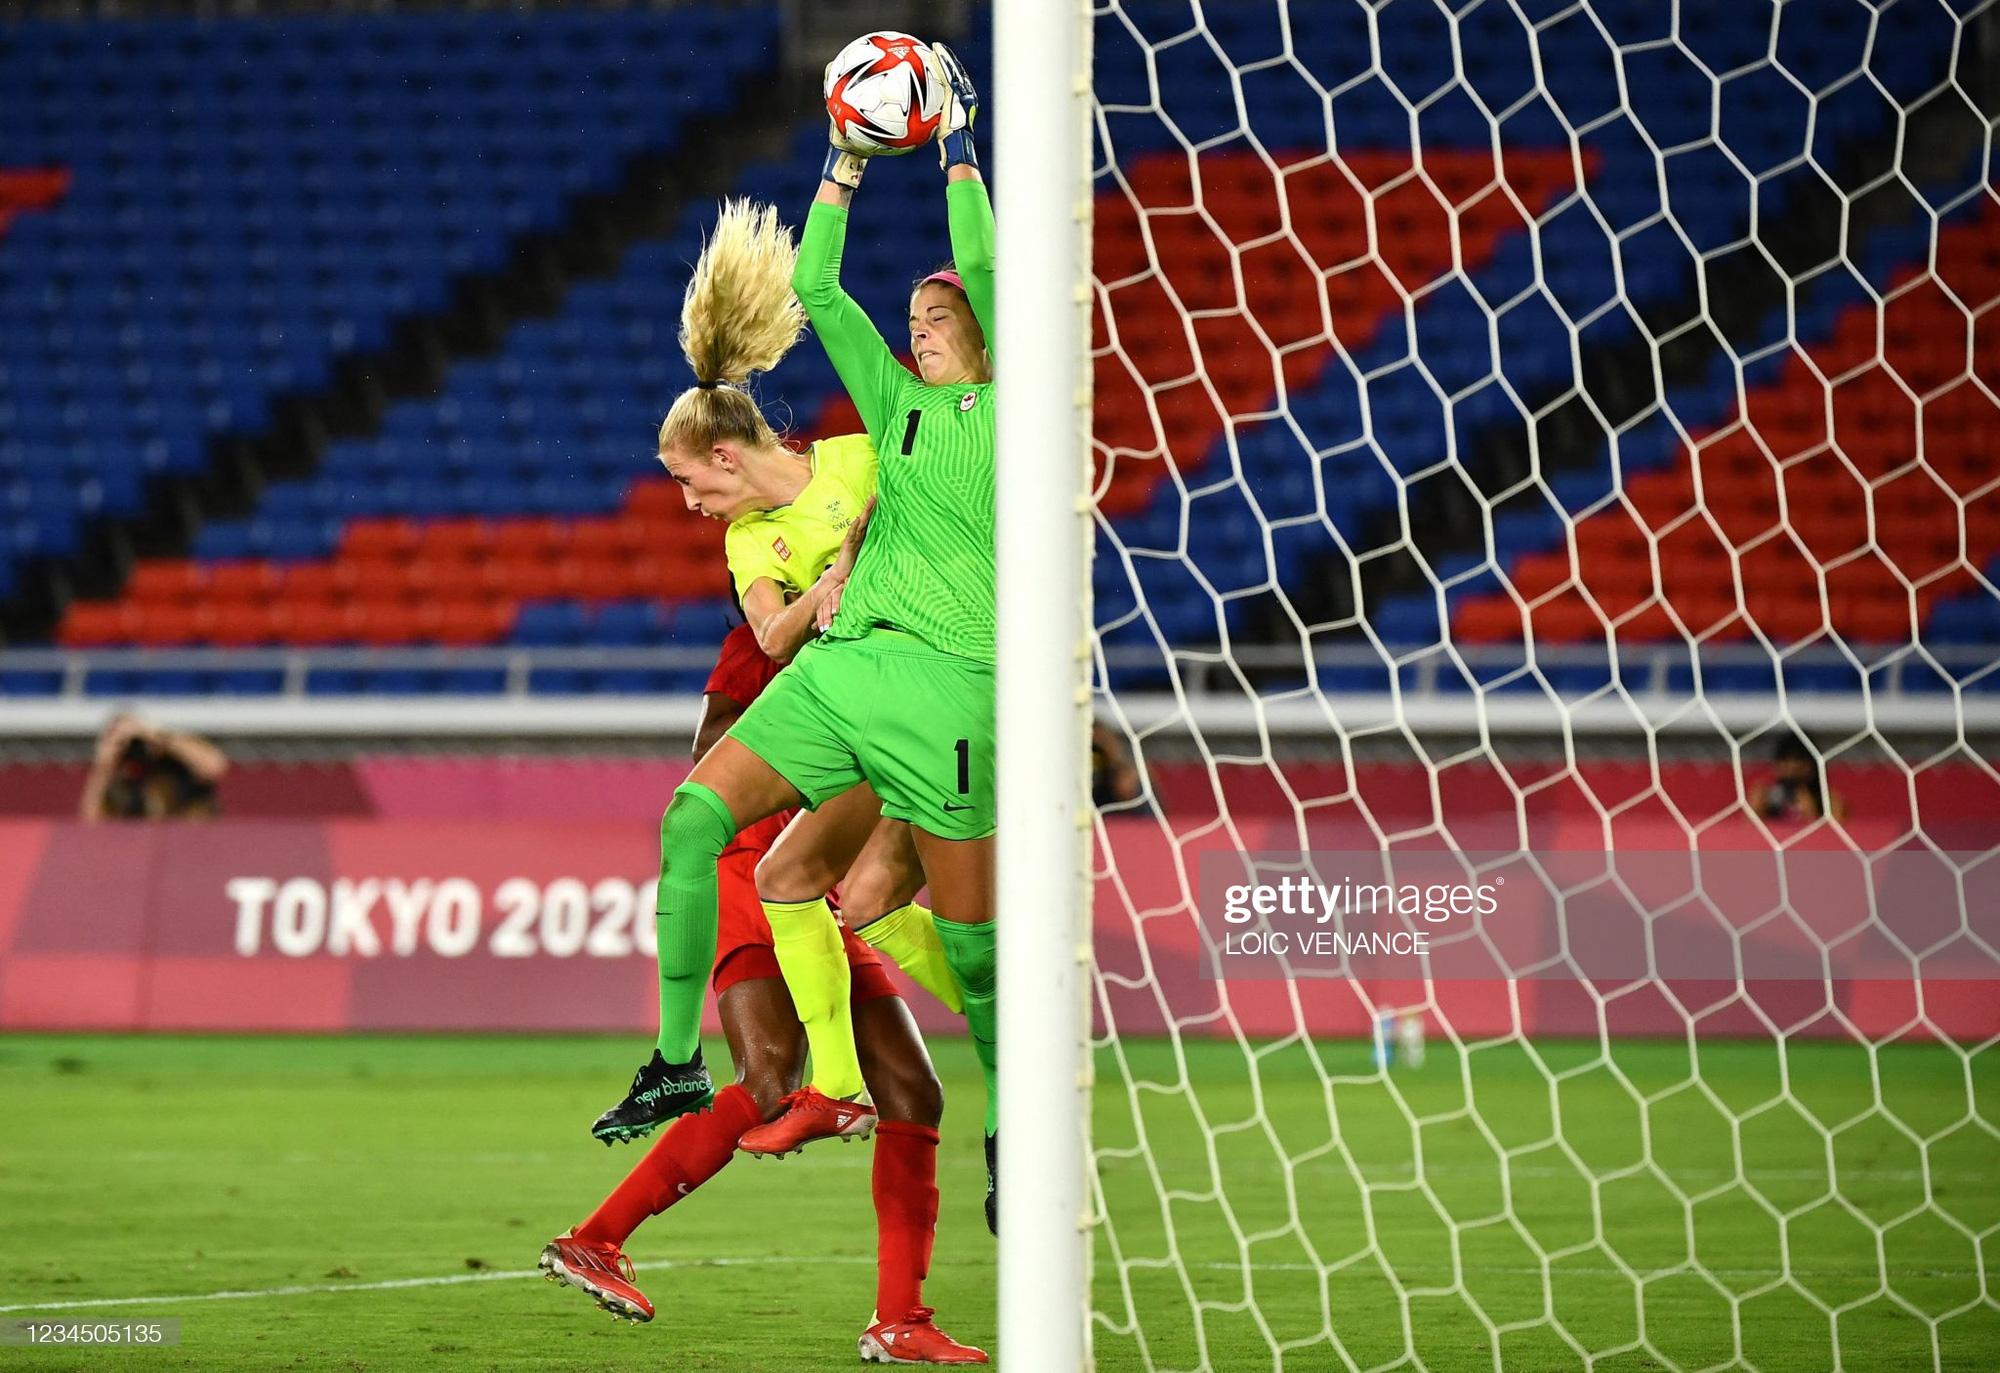 Đá hỏng liên tiếp 3 quả luân lưu, Canada vẫn vô địch bóng đá nữ Olympic 2020 - Ảnh 2.